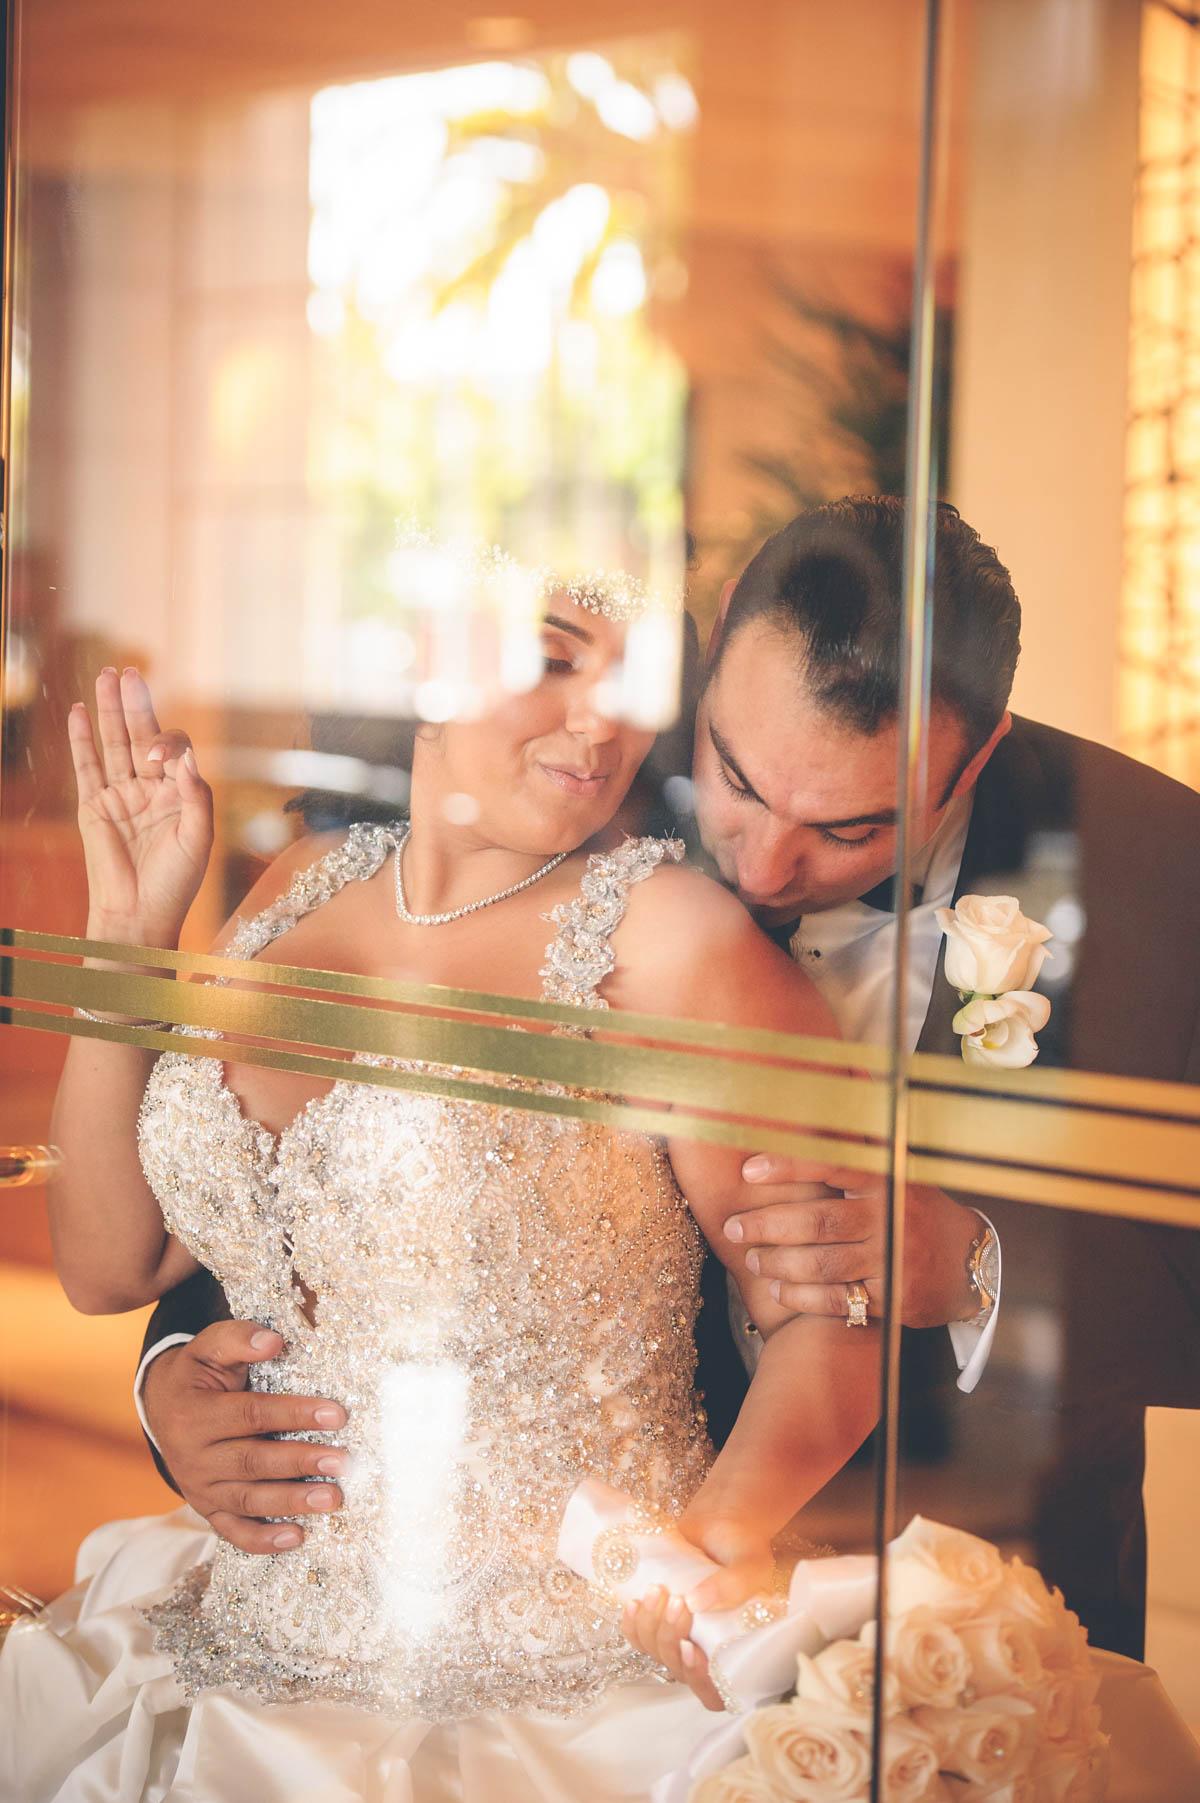 081515 Tanya & Pedram-619